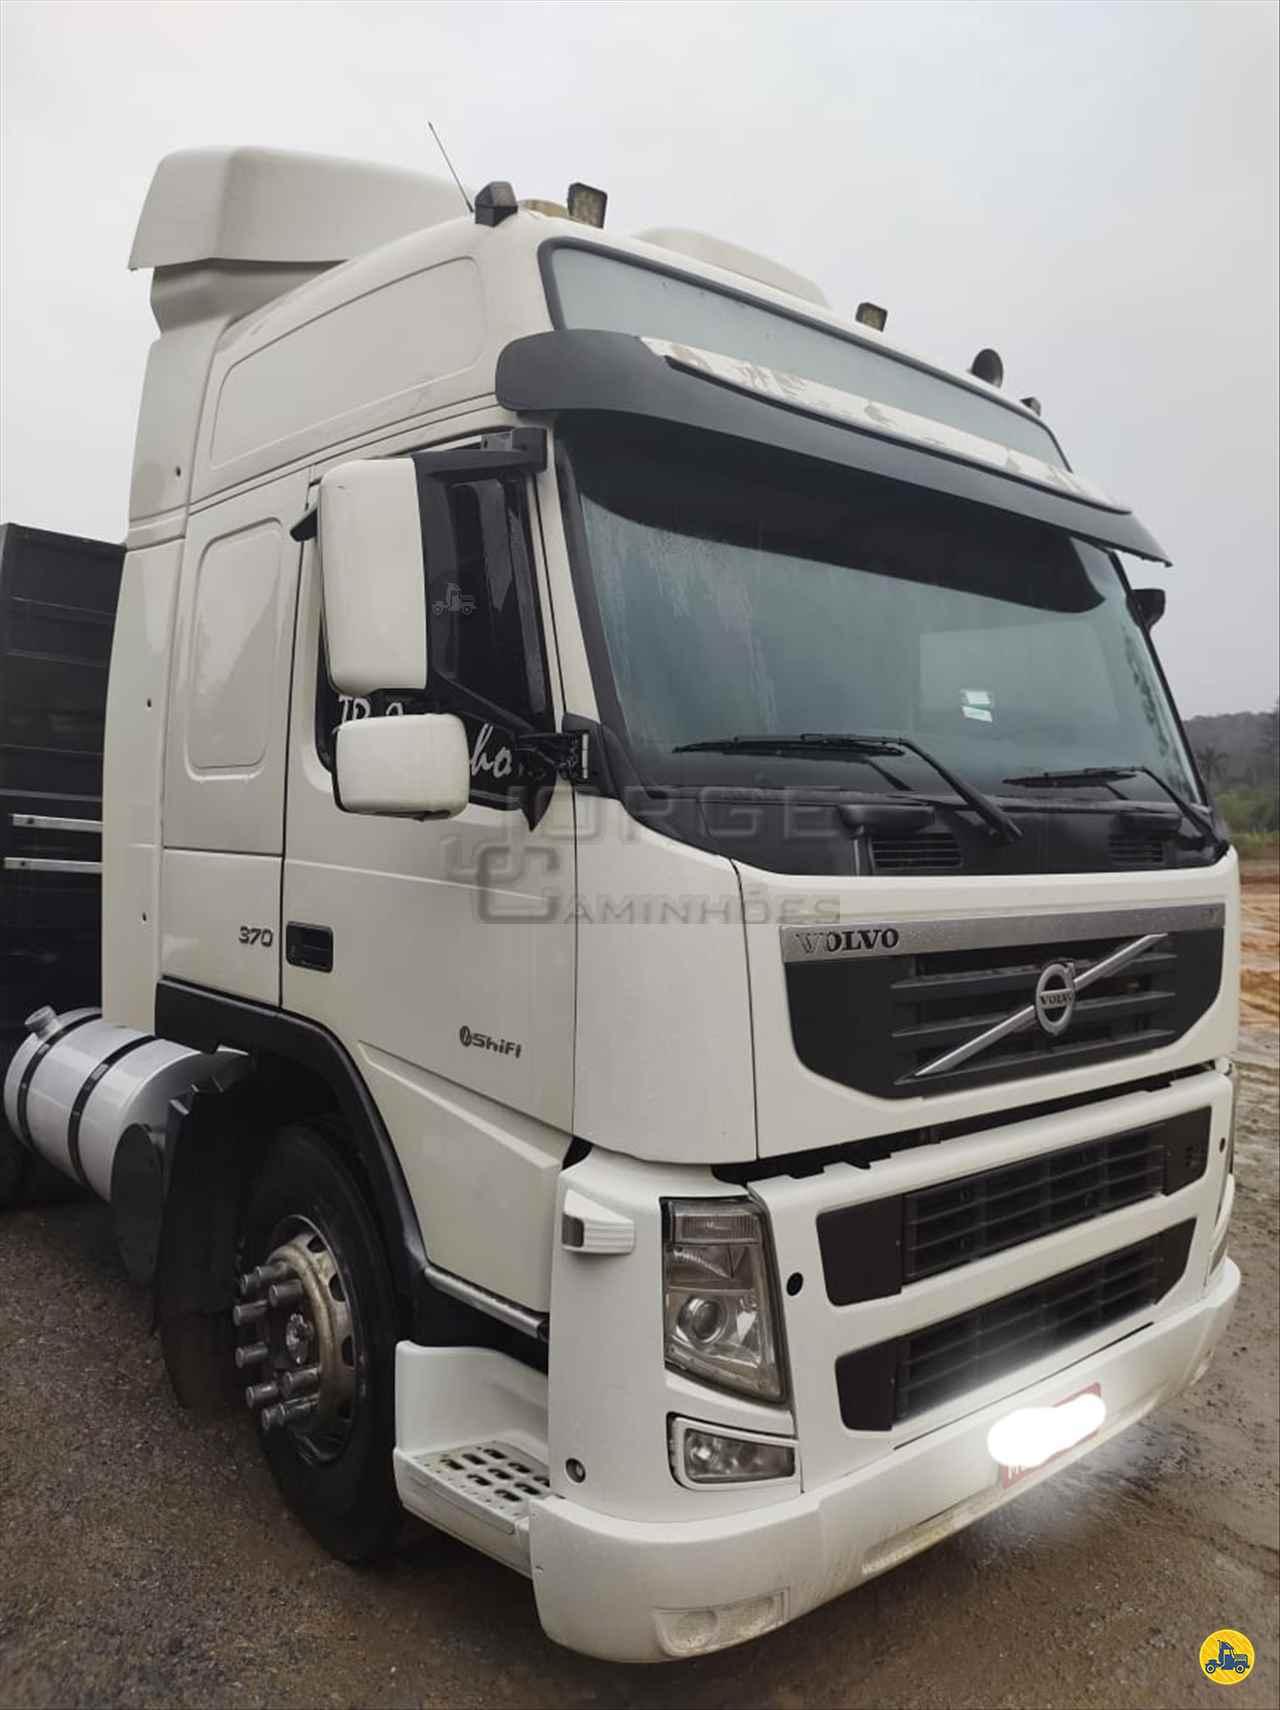 CAMINHAO VOLVO VOLVO FM 370 Cavalo Mecânico Truck 6x2 Jorge Caminhões CURITIBA PARANÁ PR